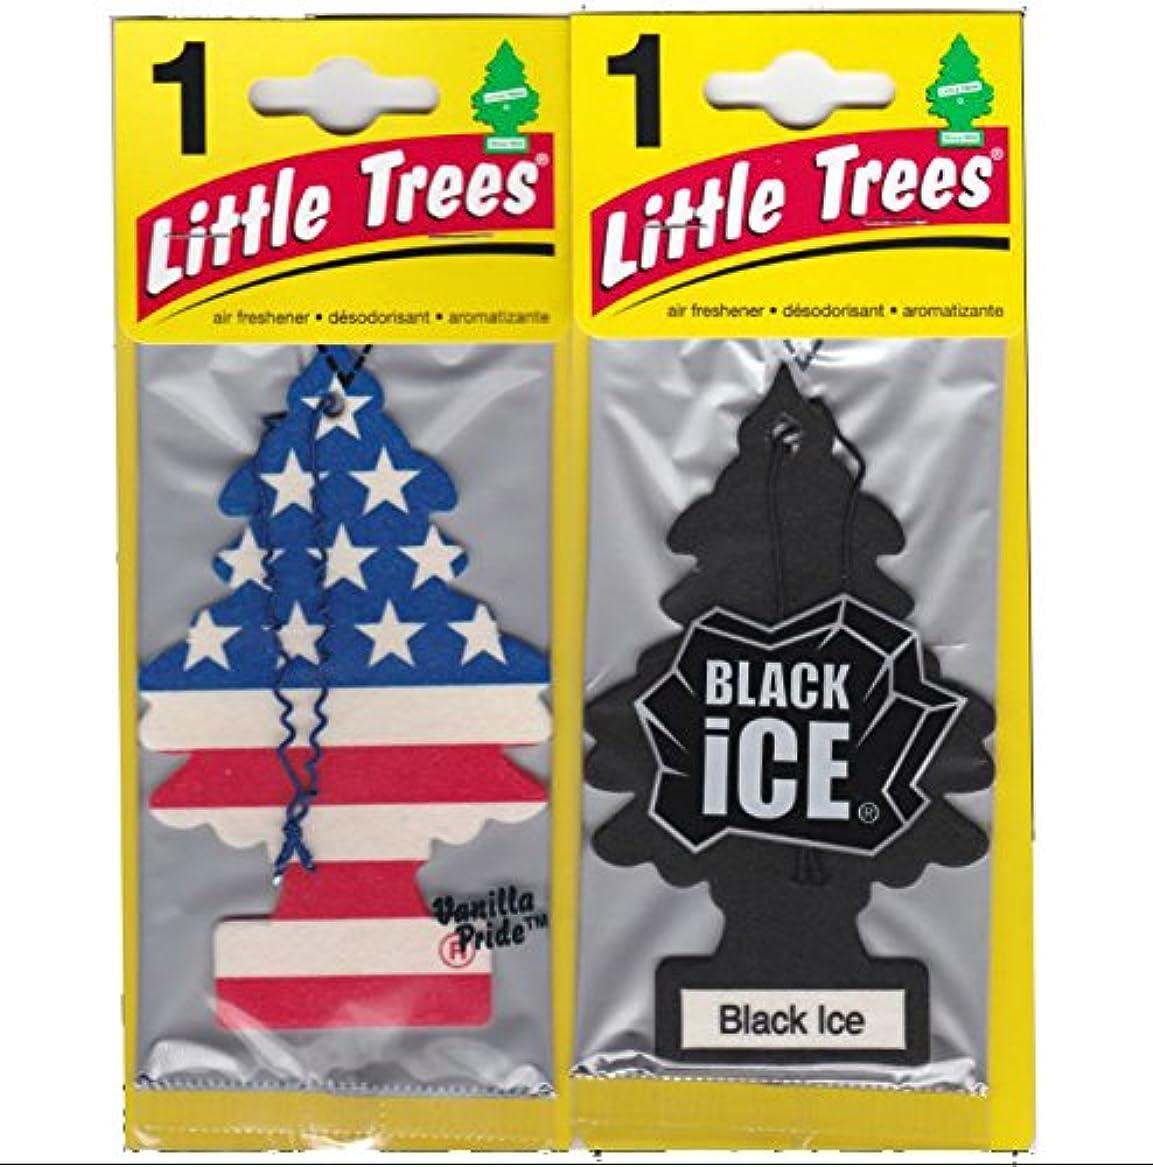 望ましい事実上ゾーンLittle Trees 吊下げ式 芳香剤 エアーフレッシュナー ブラックアイス & バニラプライド [並行輸入品]